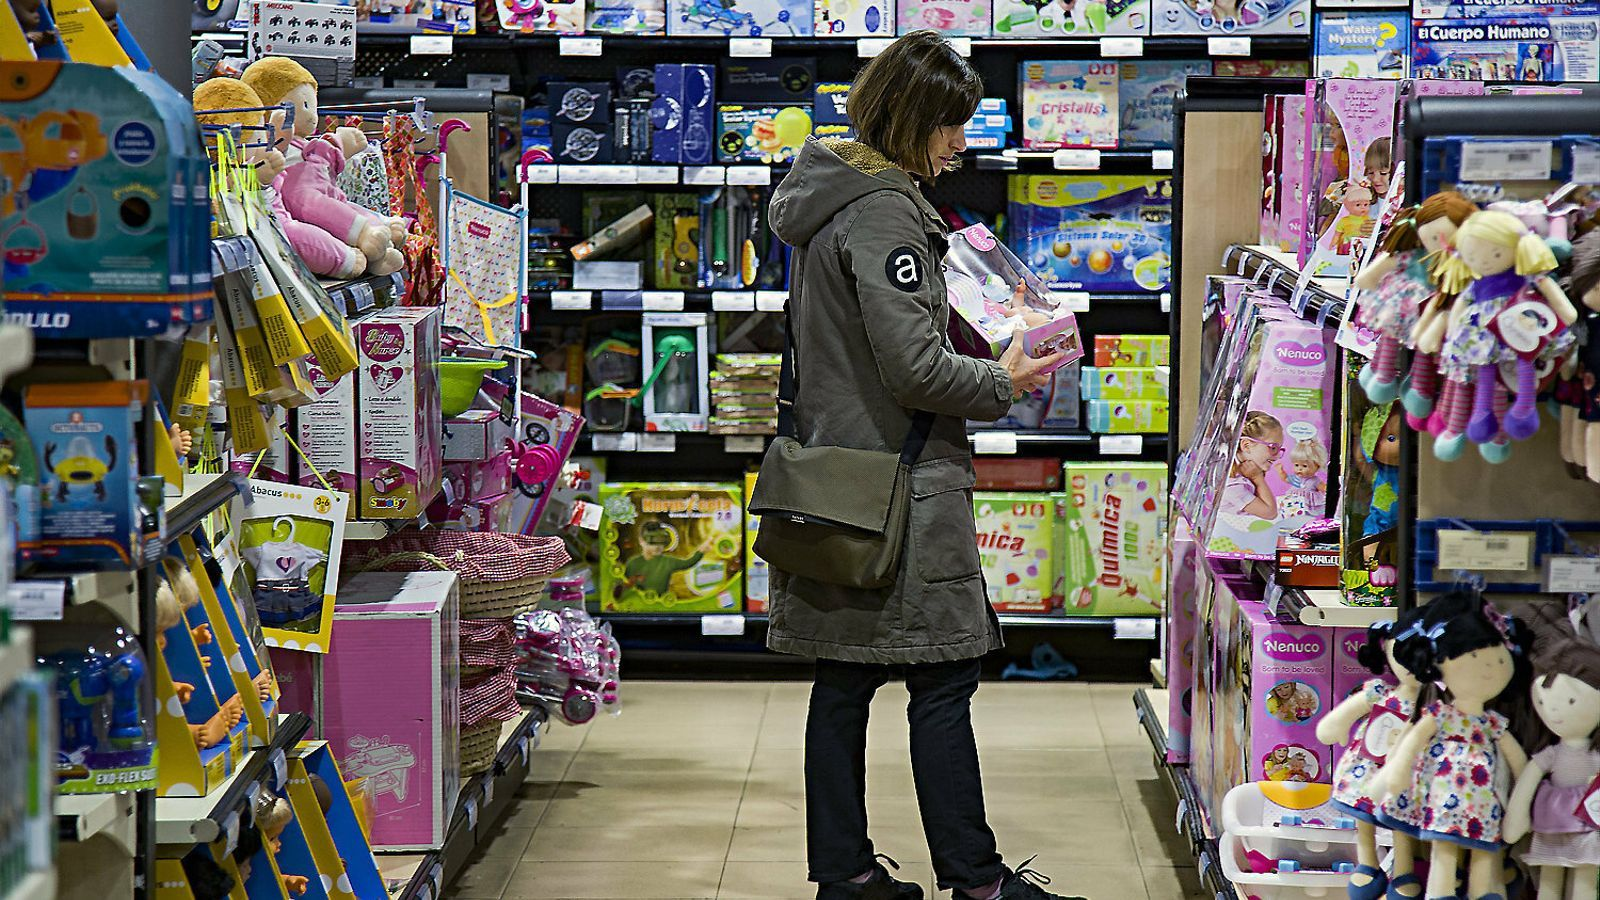 Una dona busca un regal per a un infant en una botiga de joguines.